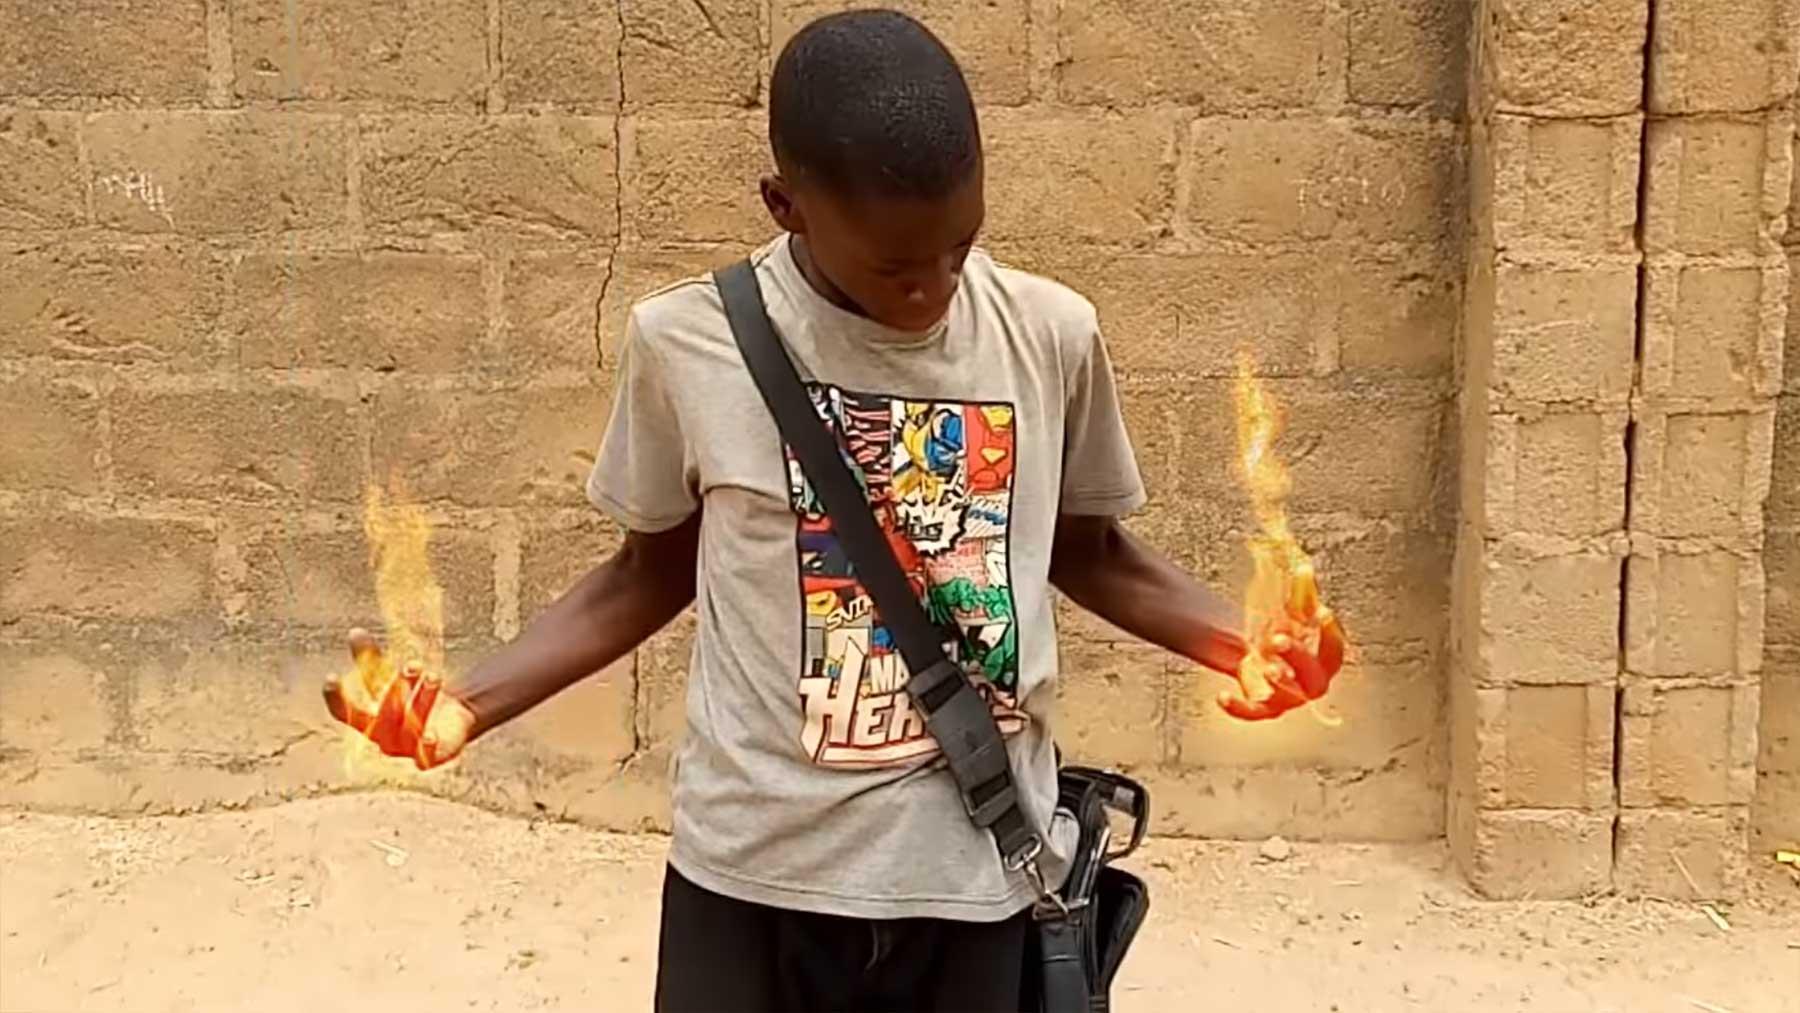 Jung-Filmemacher aus Nigeria verblüffen mit Smartphone-Kurzfilmen